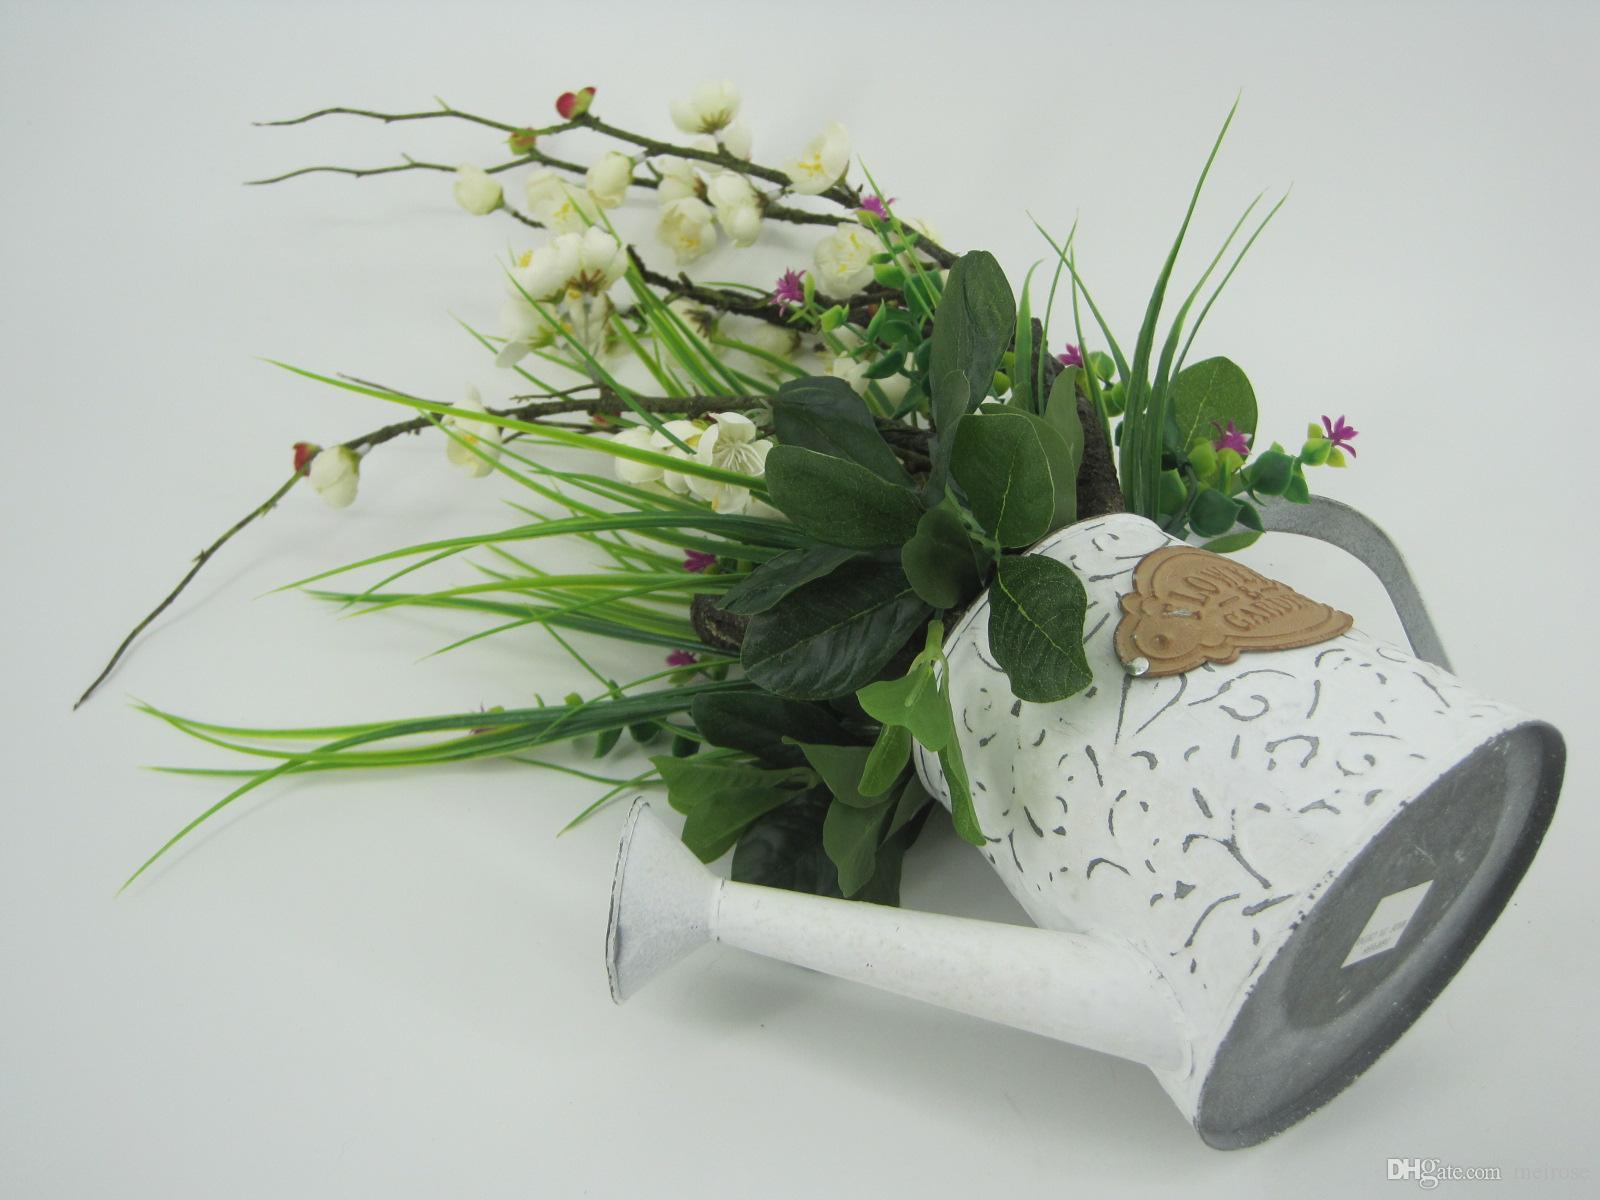 Piante artificiali con piatti in lamiera zincata Bonsai bianchi Pianta in vaso lavata bianca feste nuziali Special giorni Home Decor 125 -1005